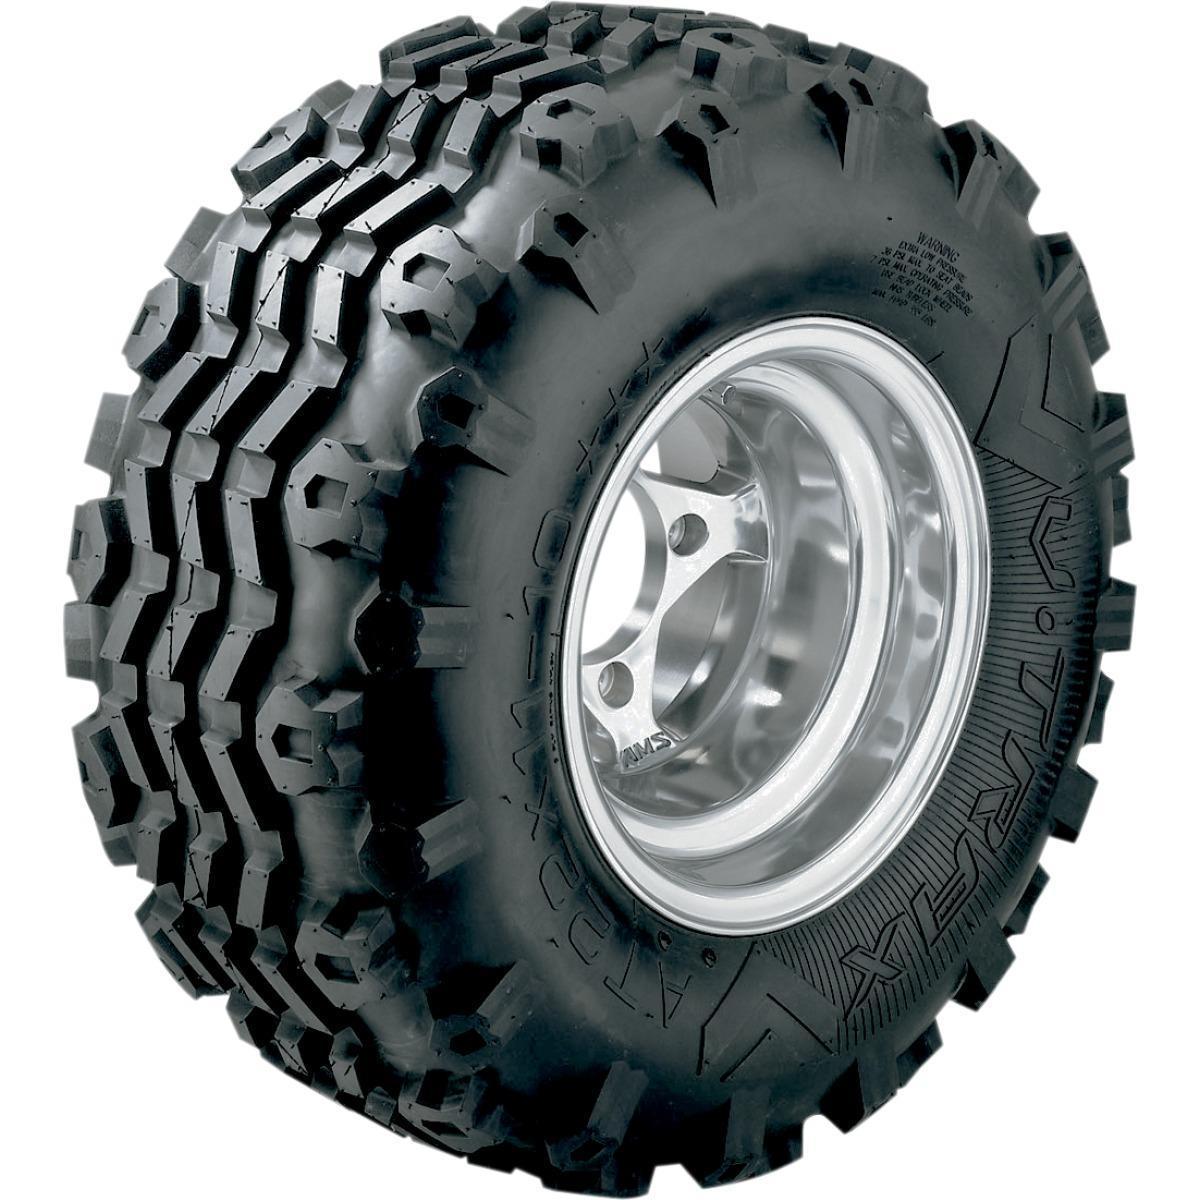 V-Trax Tire